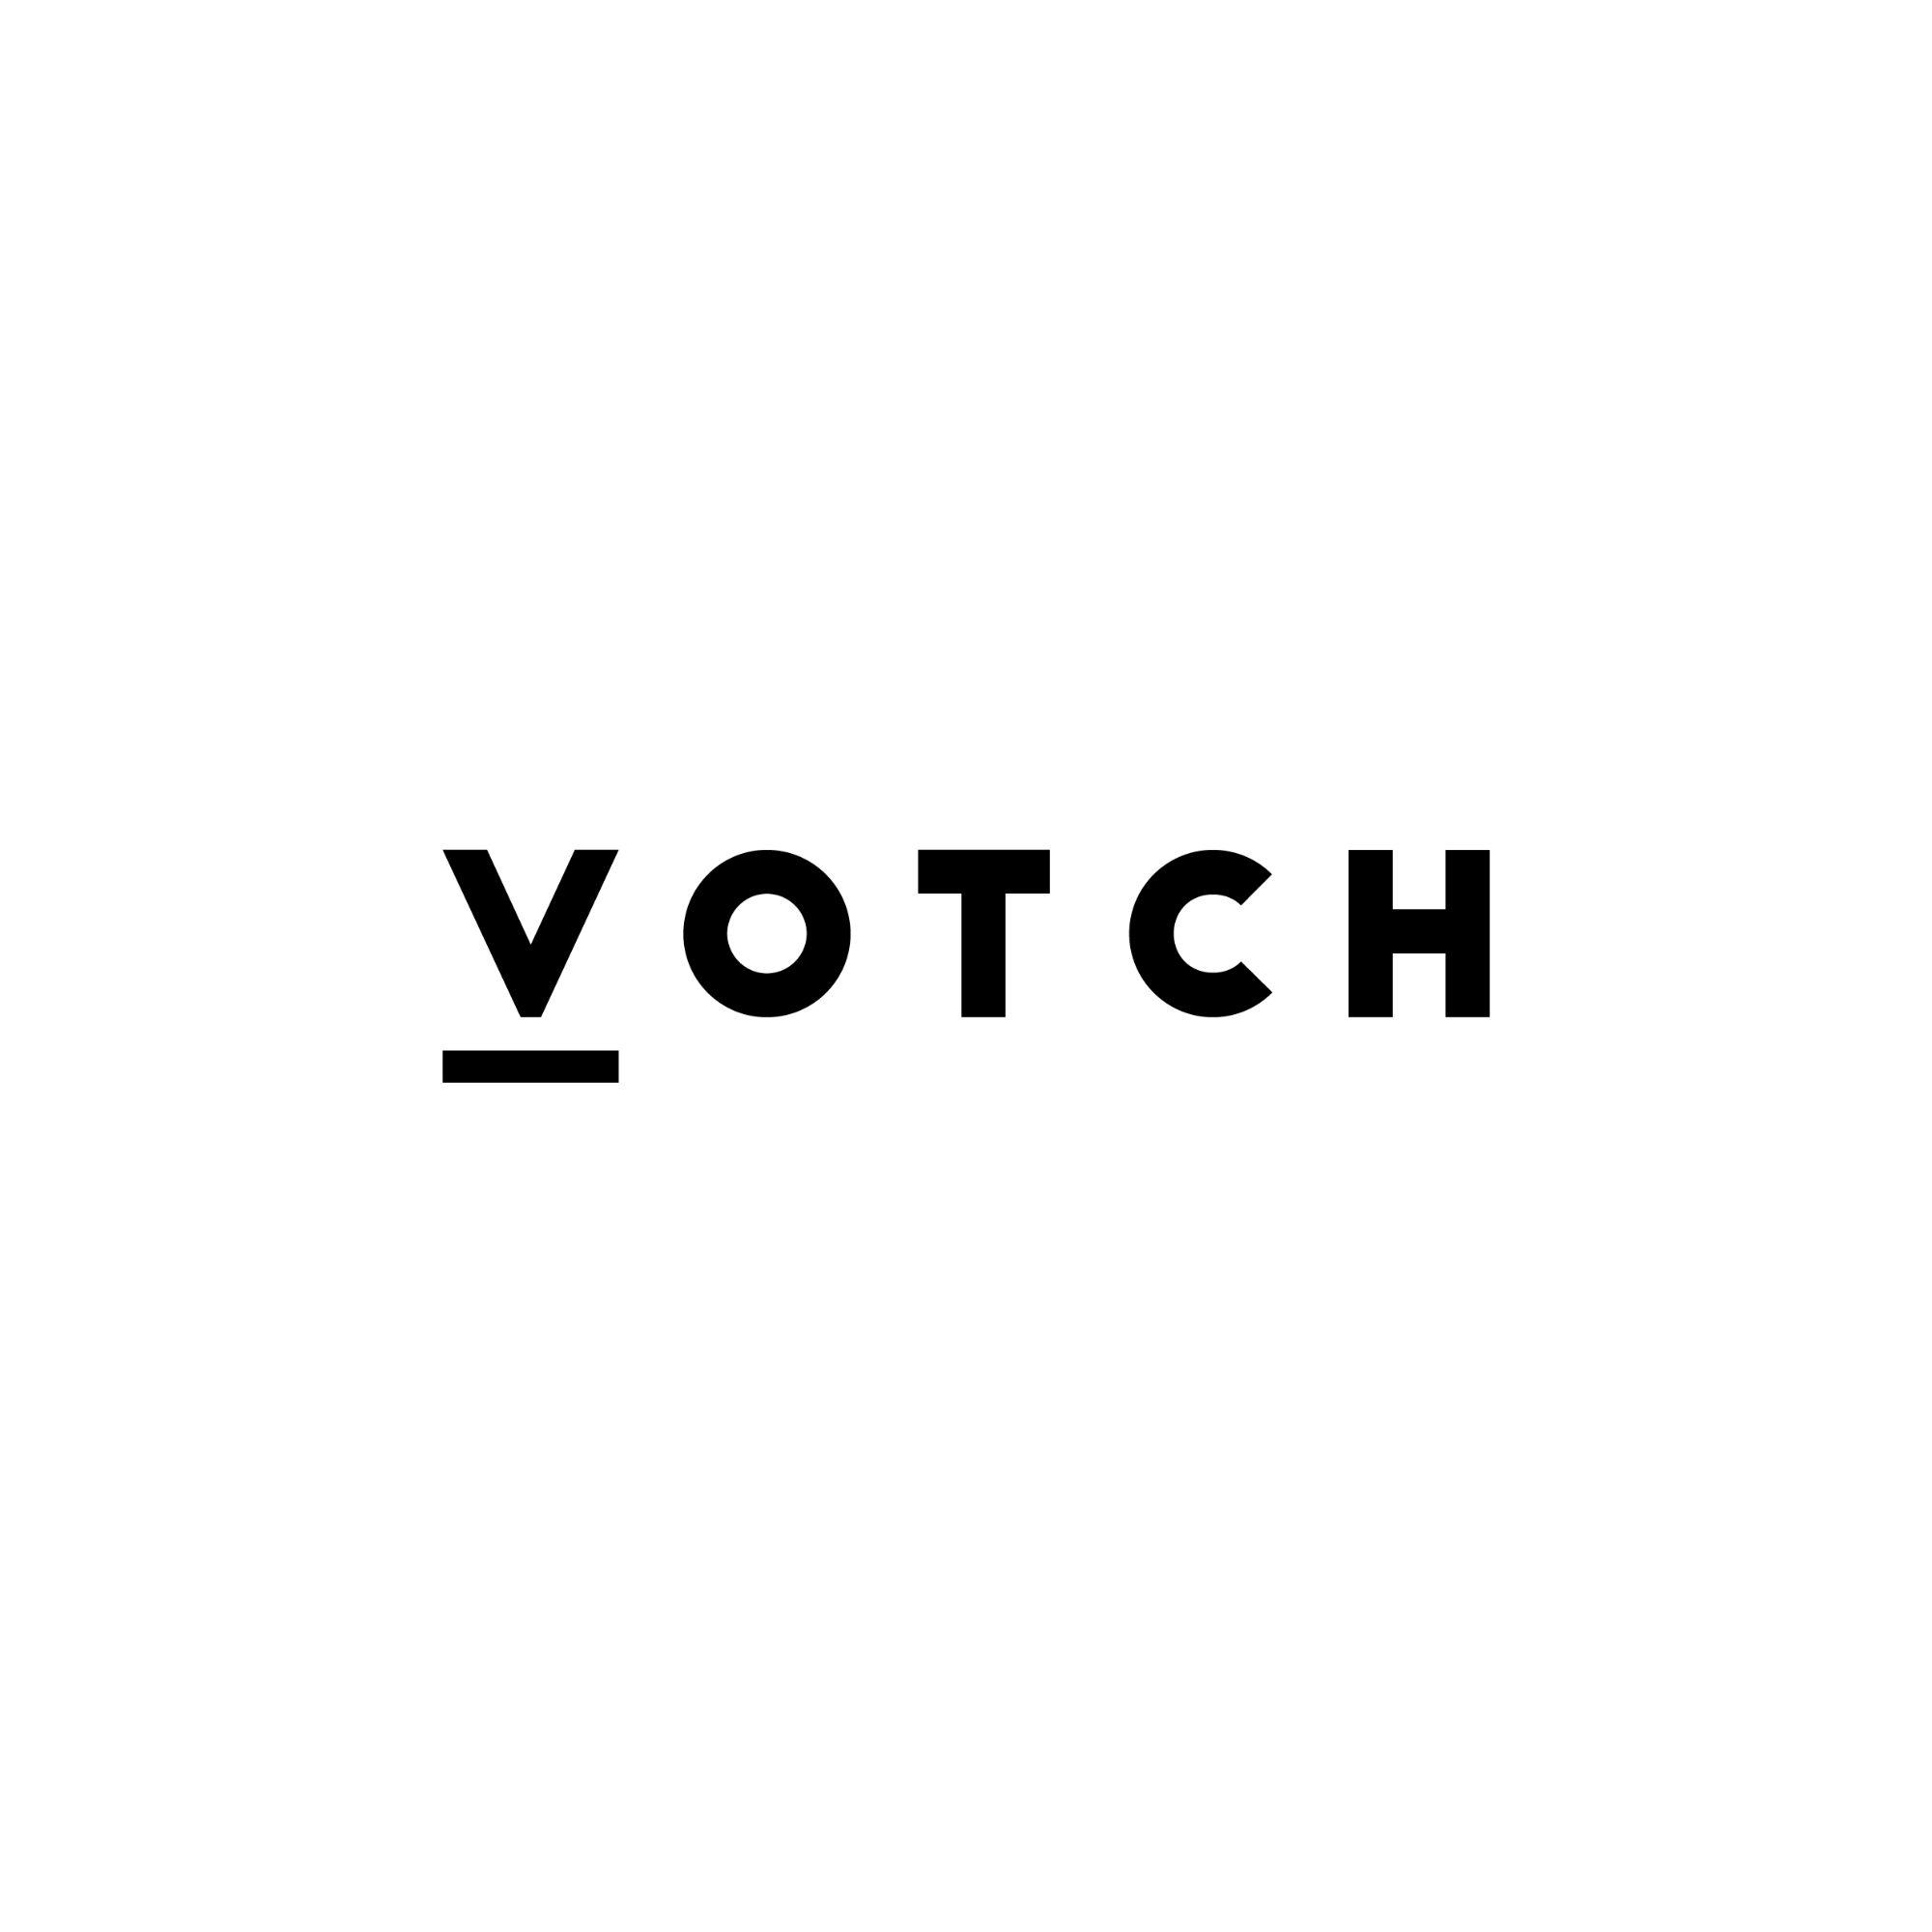 Votch logo